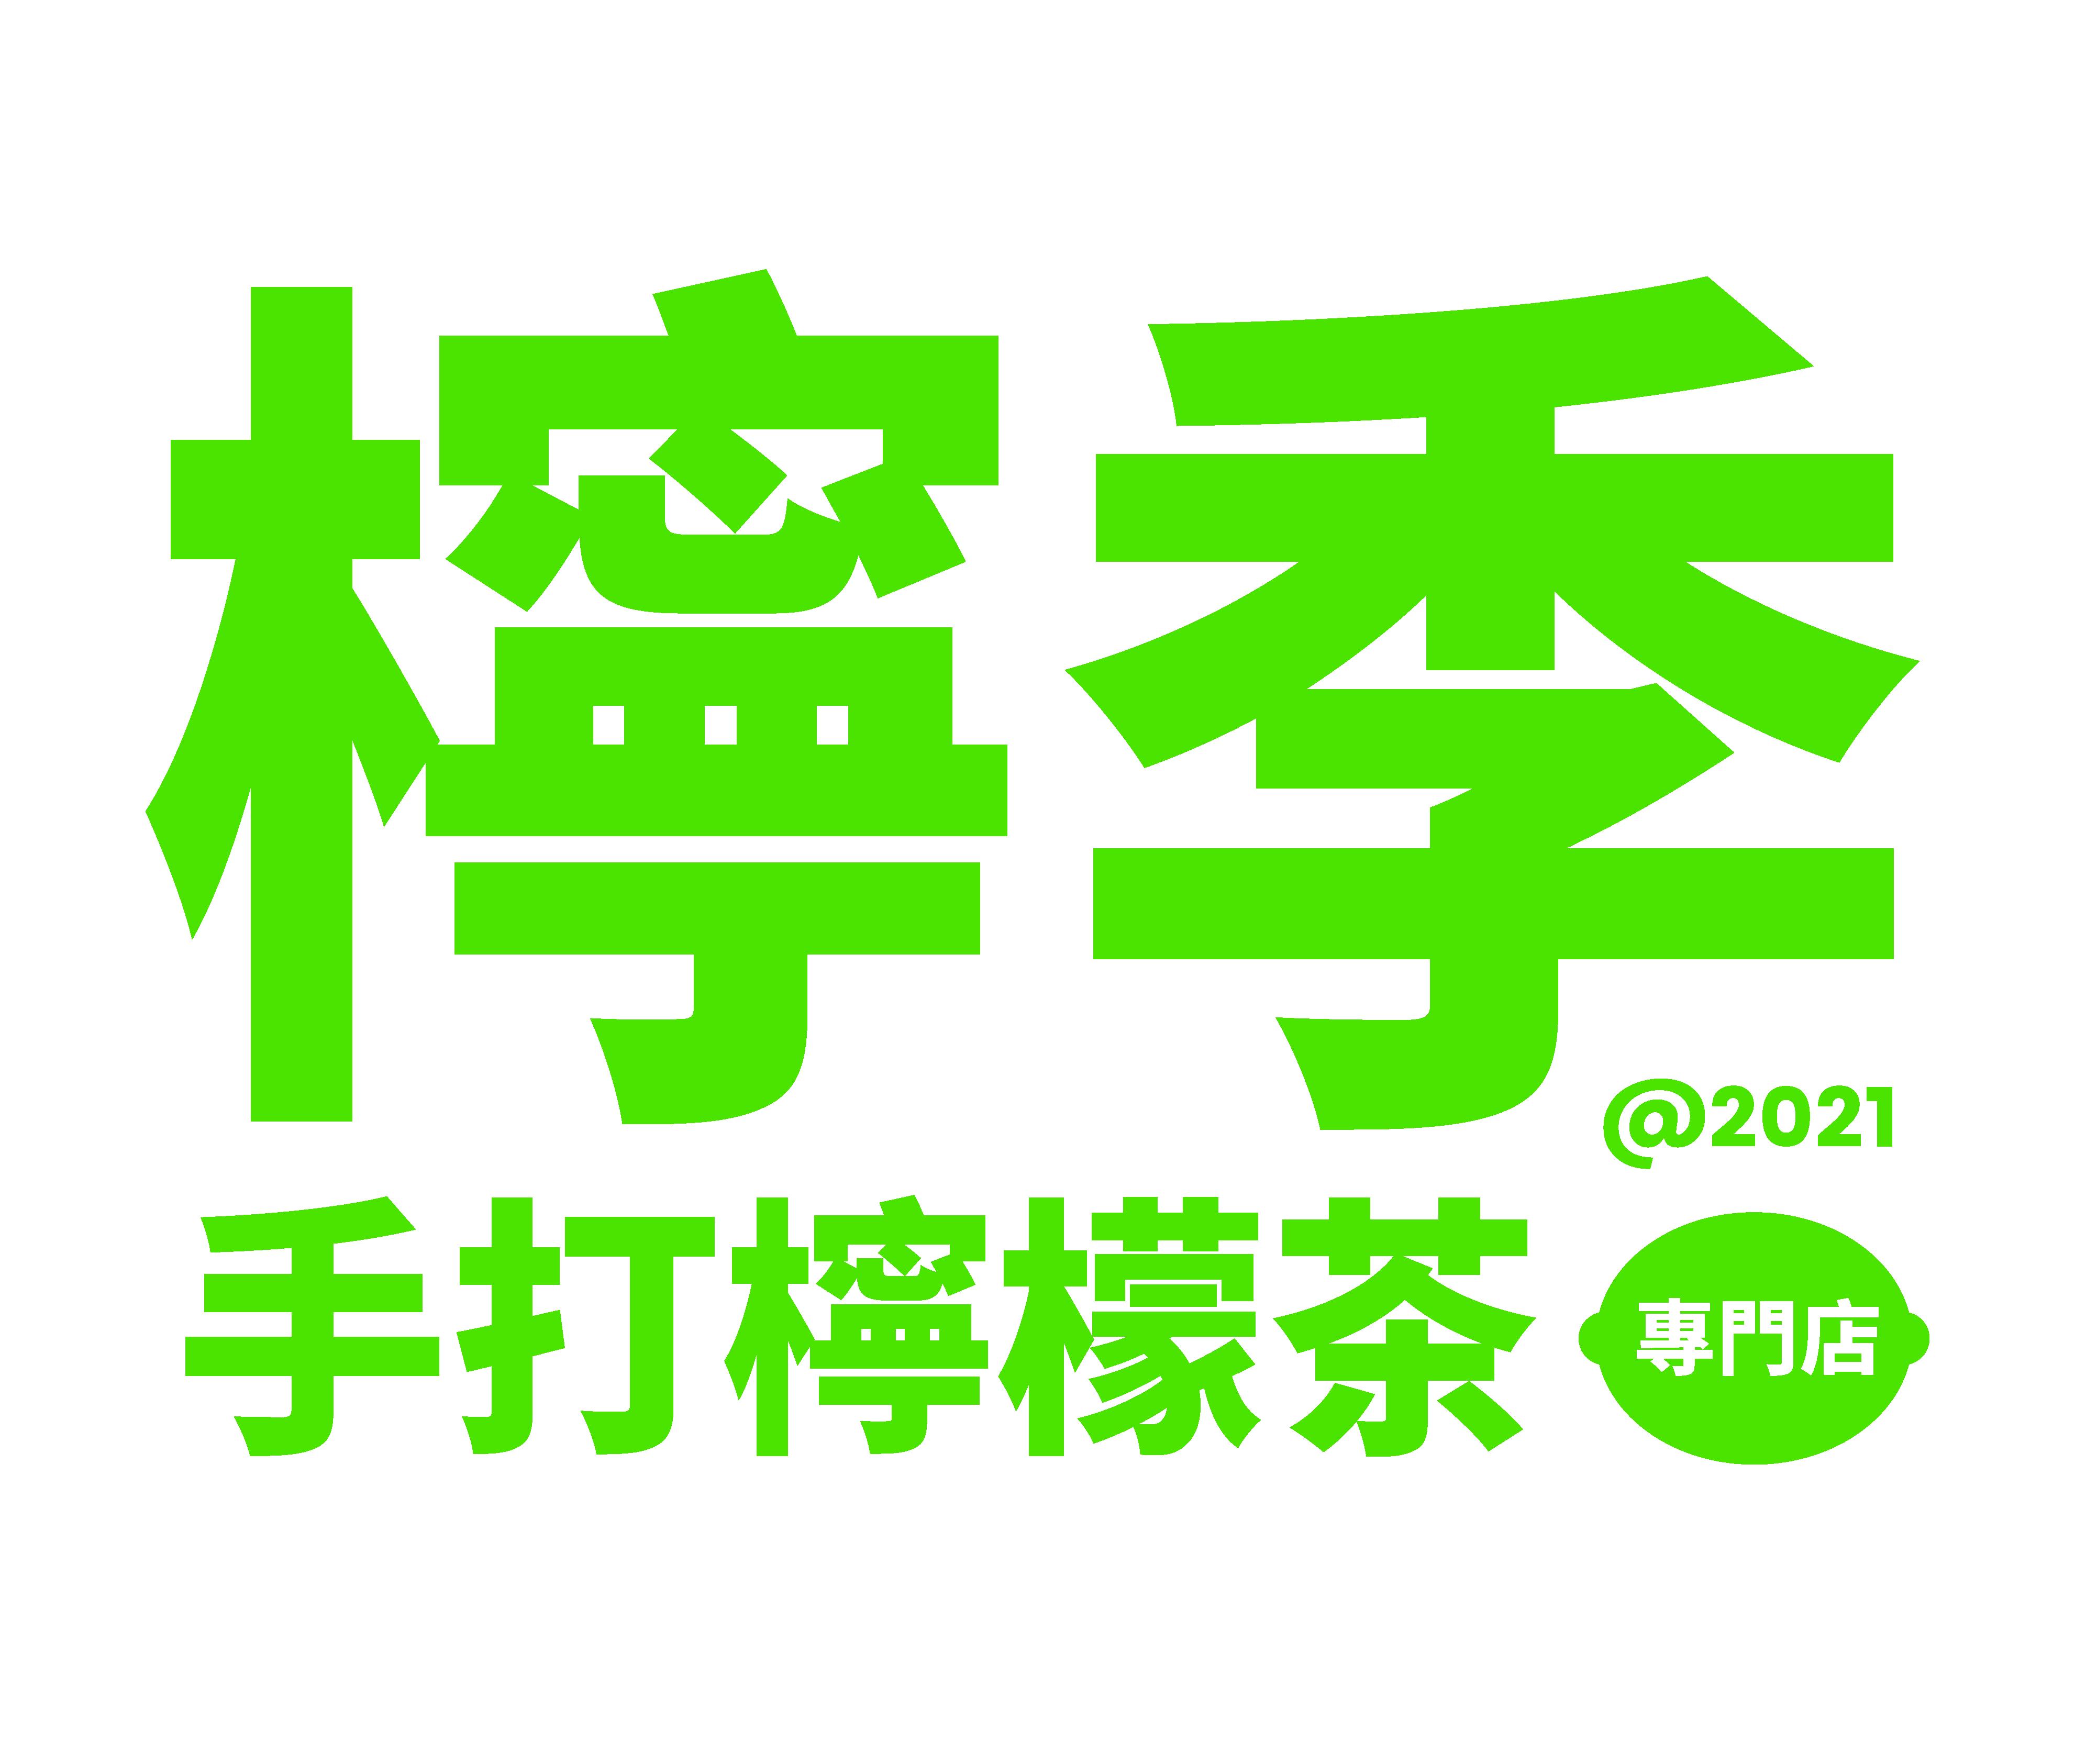 柠季手打柠檬茶官网新品发布,柠季茶加盟政策流程